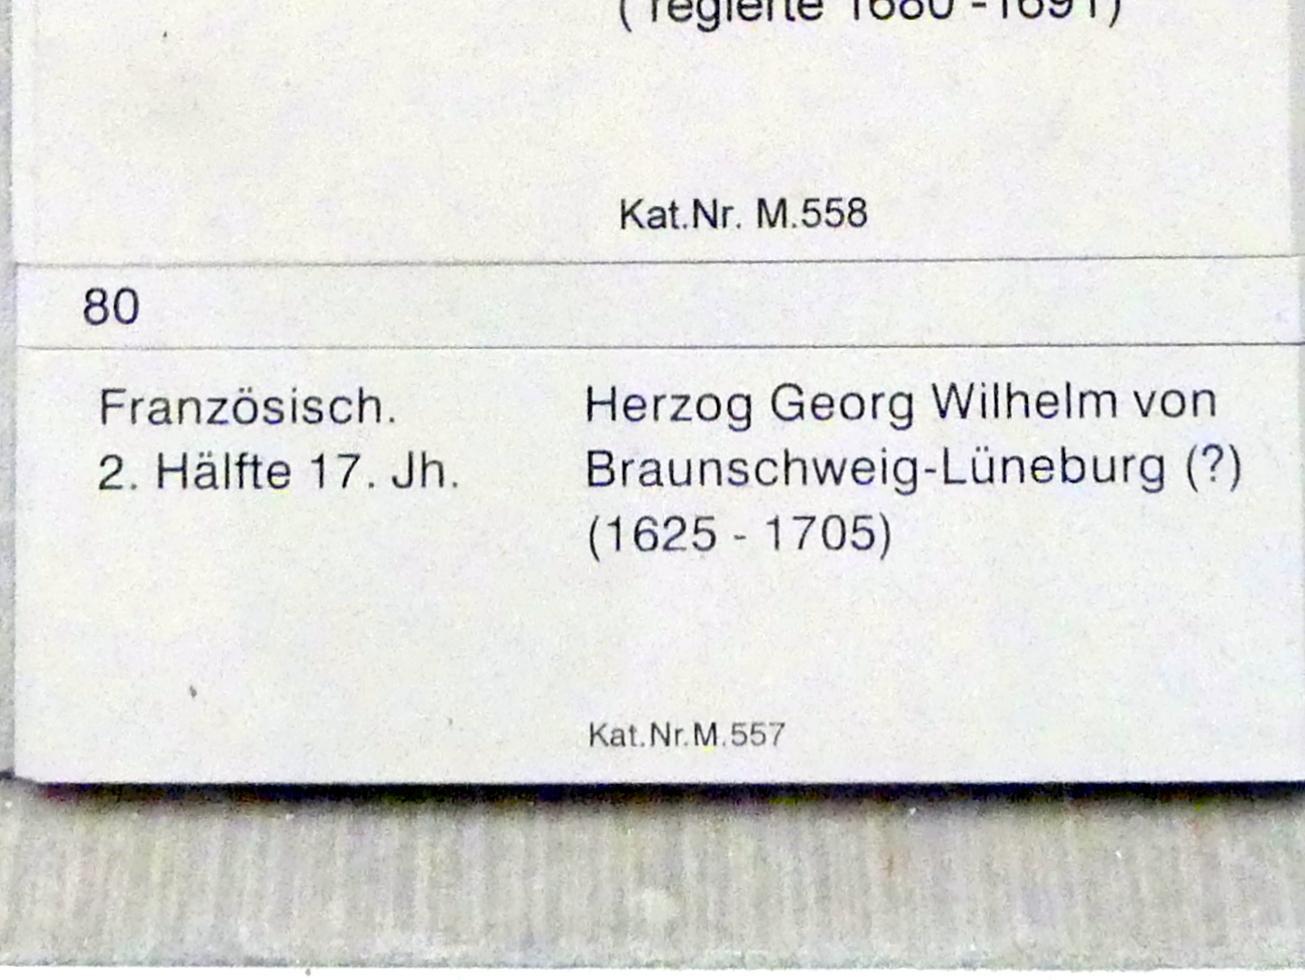 Herzog Georg Wilhelm von Braunschweig-Lüneburg (?) (1625-1705), 2. Hälfte 17. Jhd., Bild 2/2